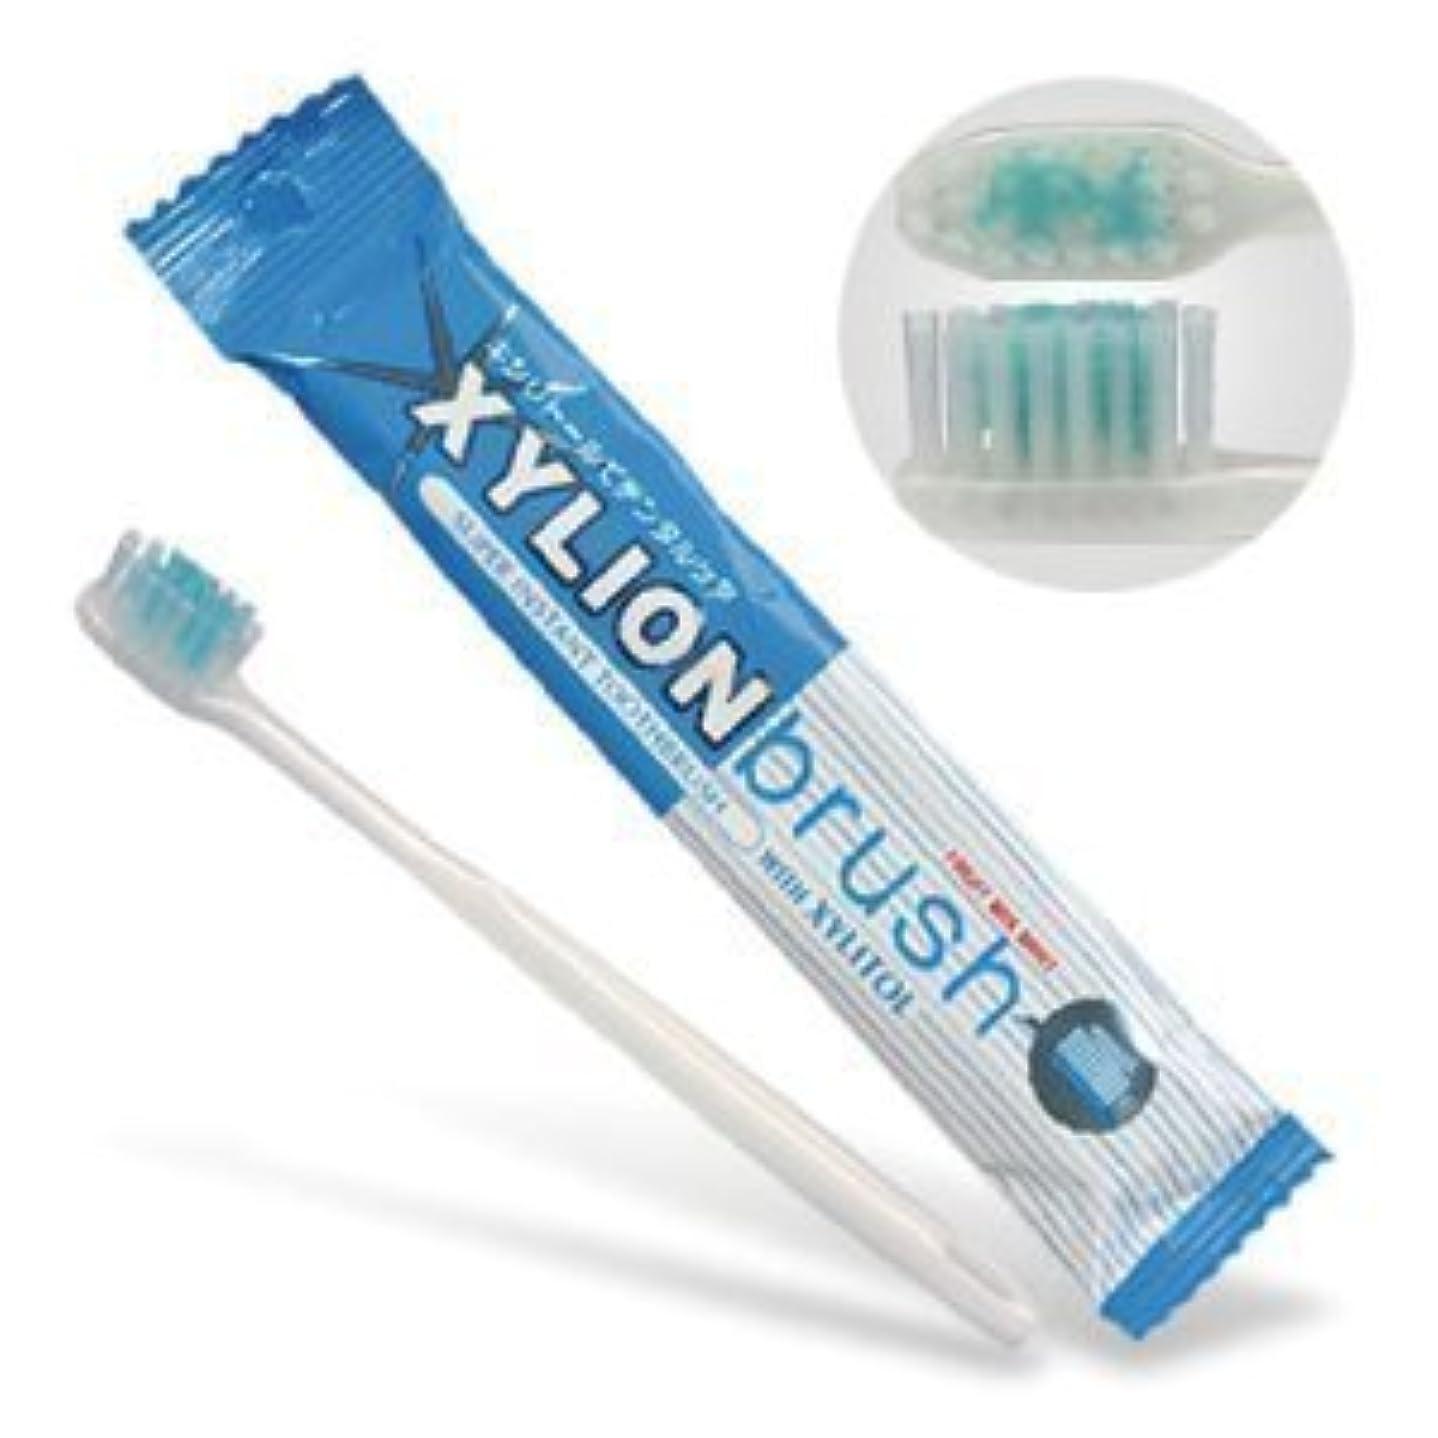 構造的生産的つばキシリオンブラシ (XYLION brush) 50本